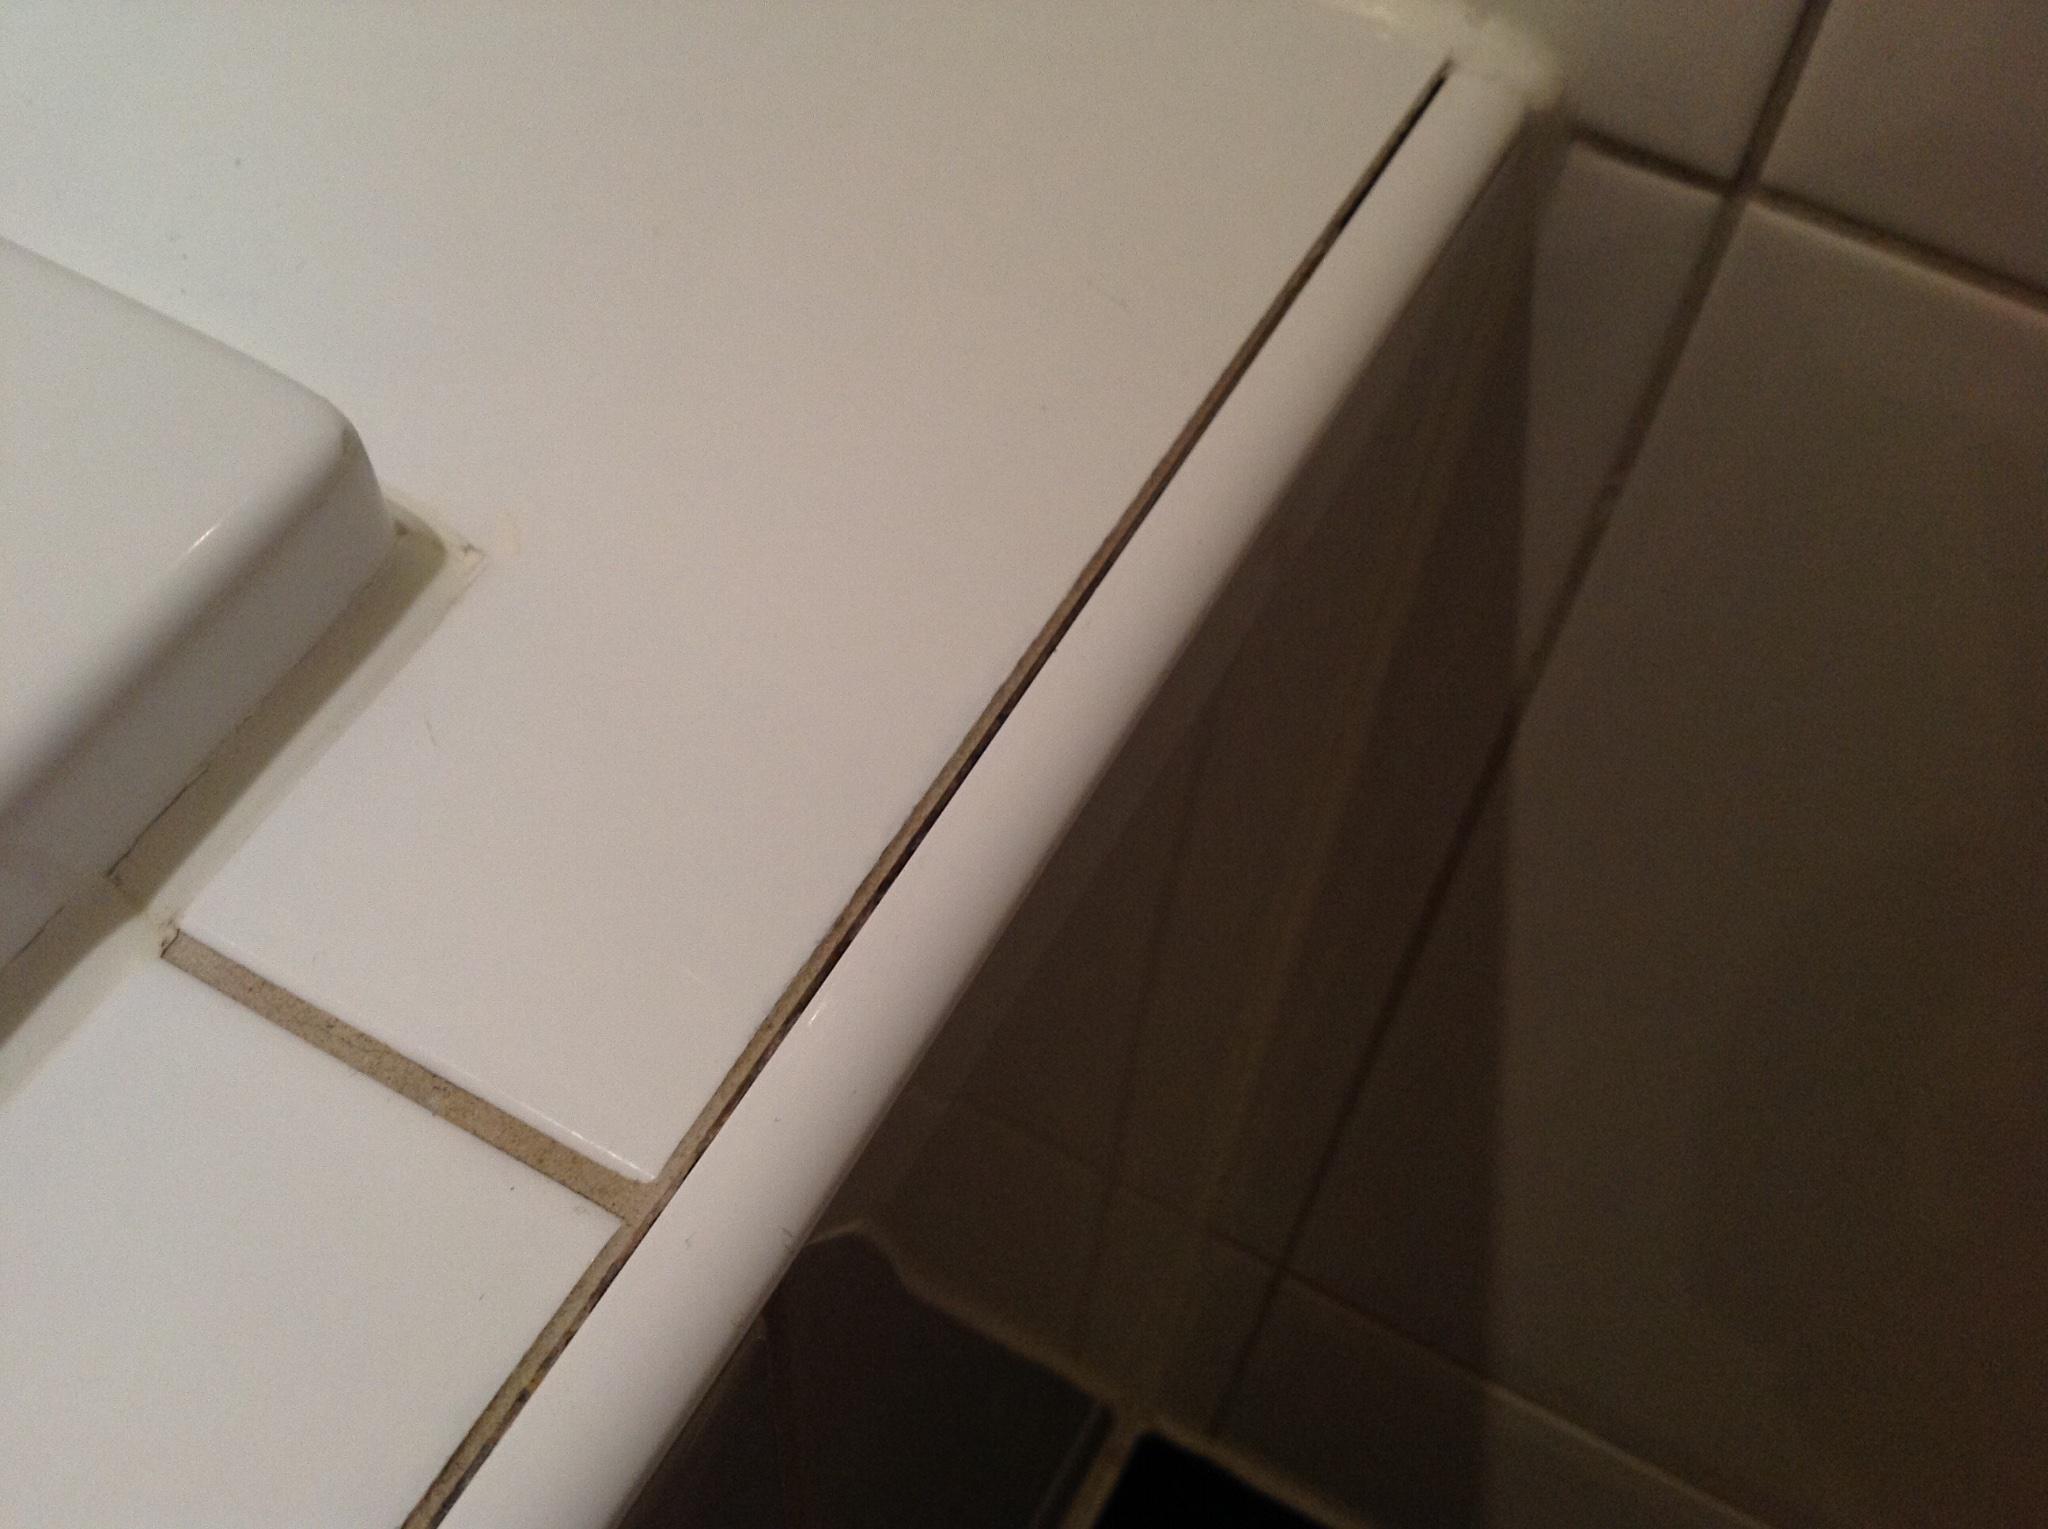 Kit vervangen en voegen repareren tegelvloer badkamer - Werkspot